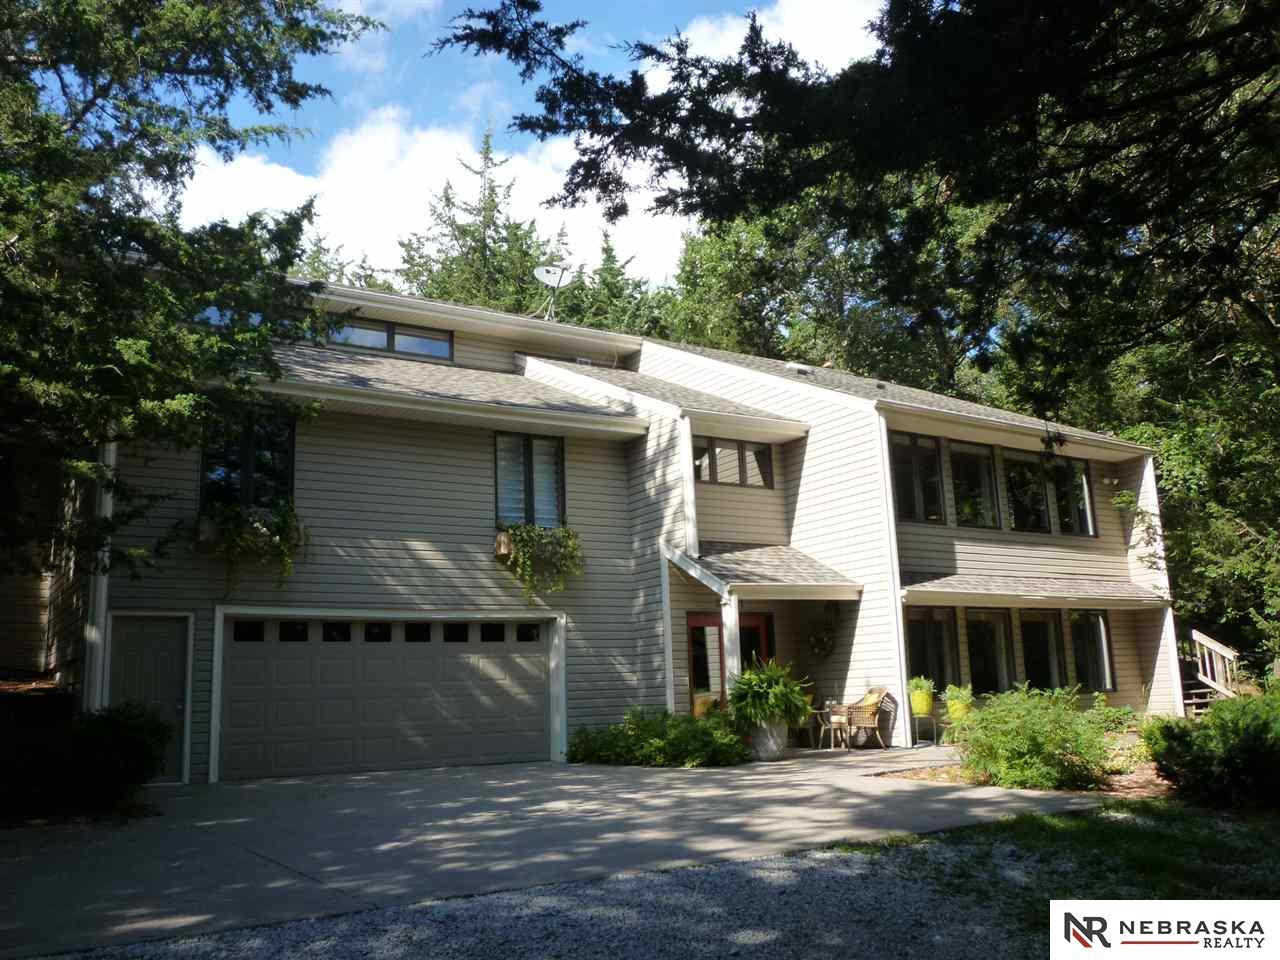 20601 Meadow Oaks Dr, Springfield, NE 68059